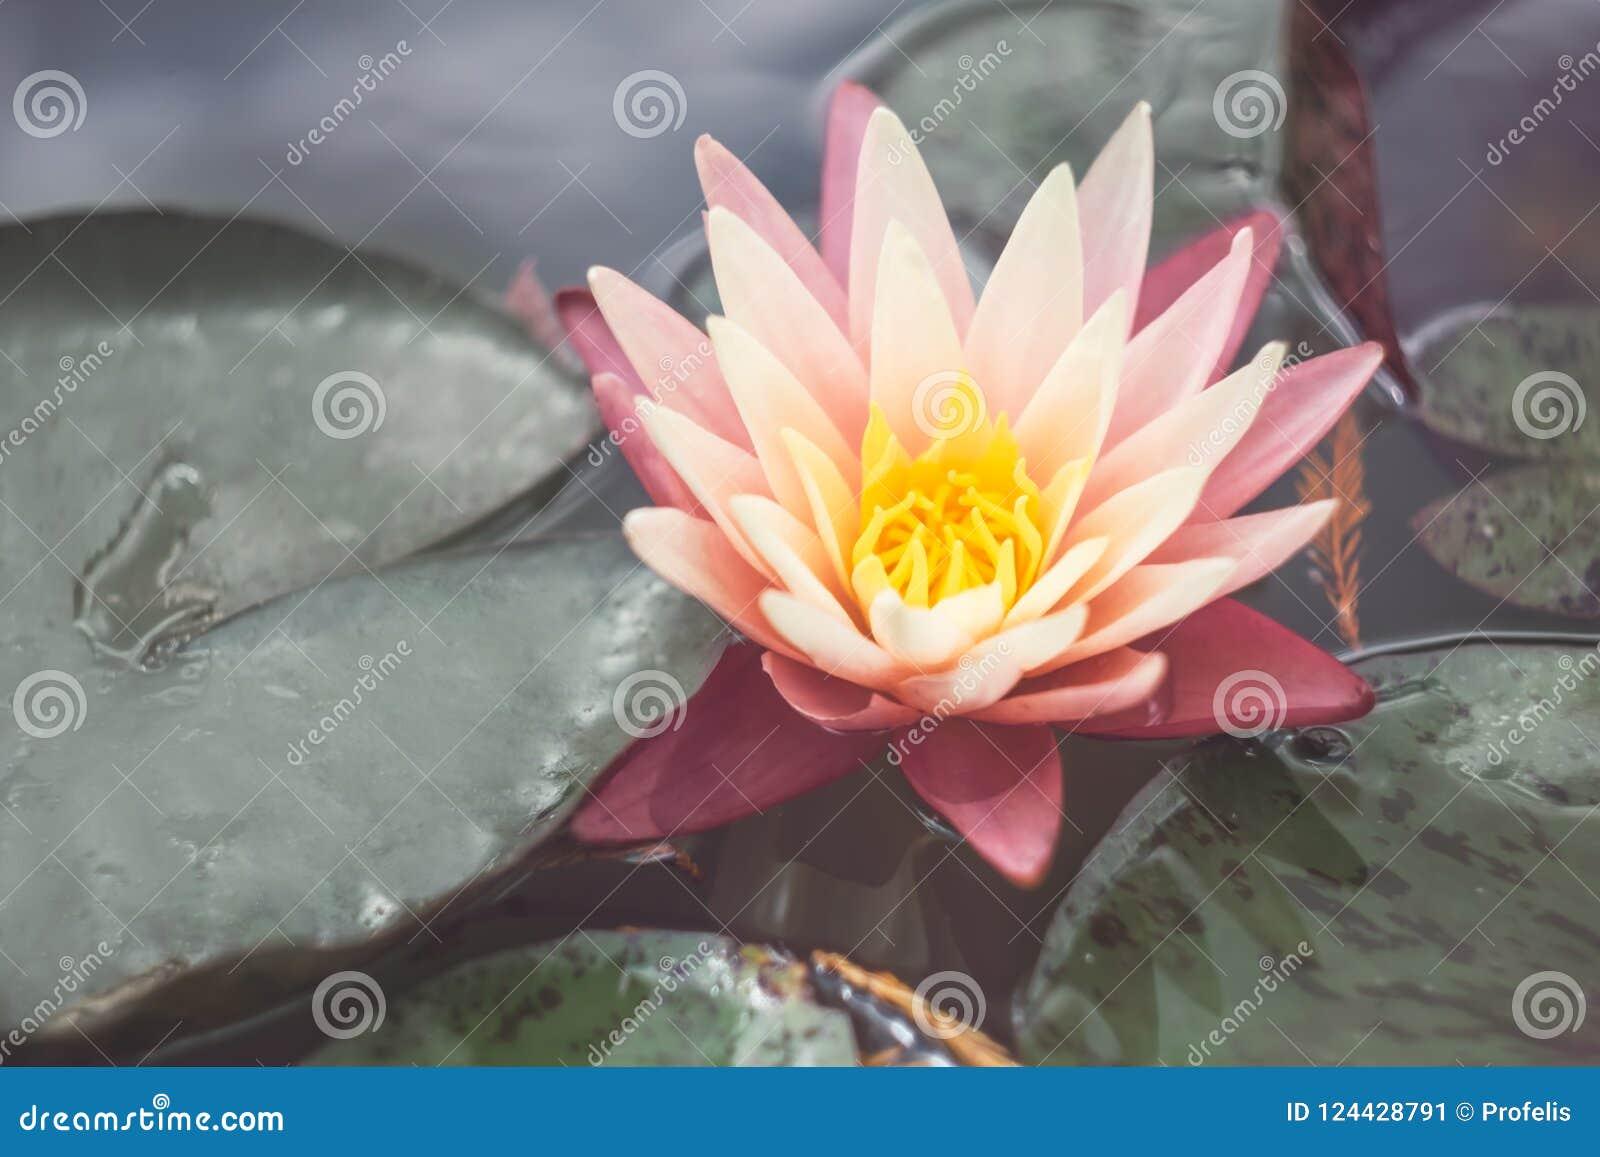 Roze lotusbloem onder de vijver Exotische tropische bloem op een lichtgroene achtergrond Water lilly gebladerte